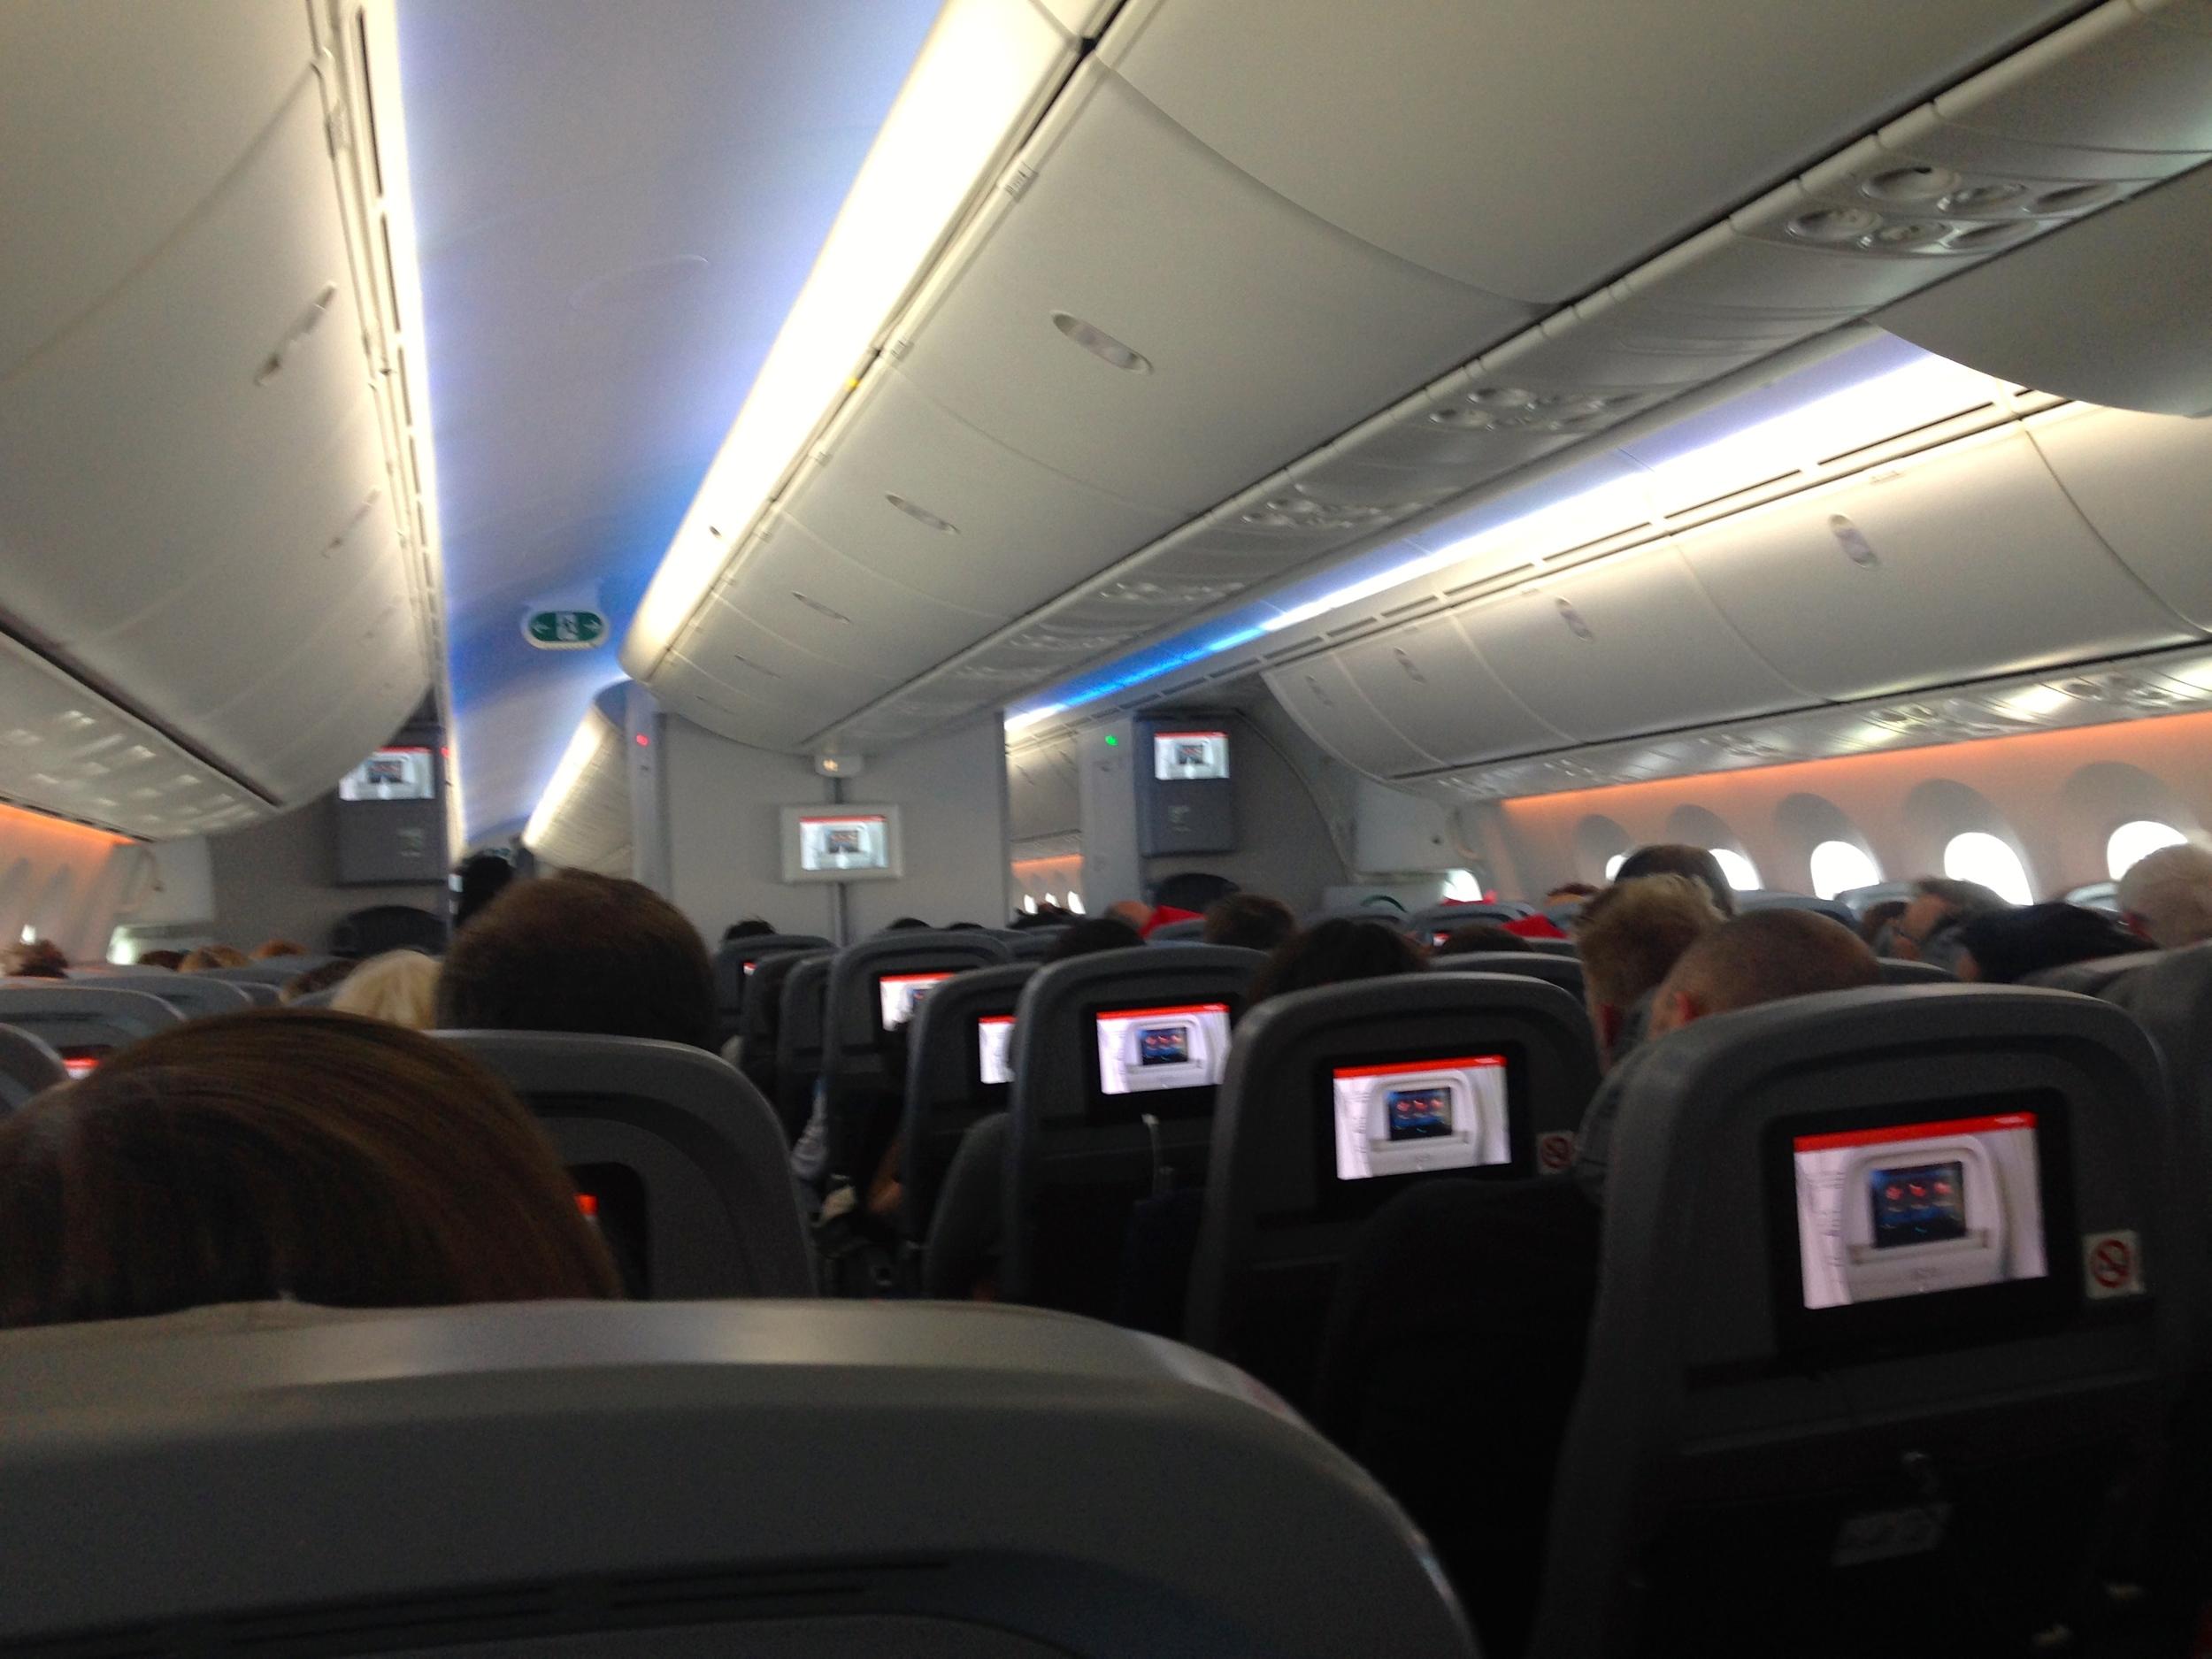 NA Economy cabin